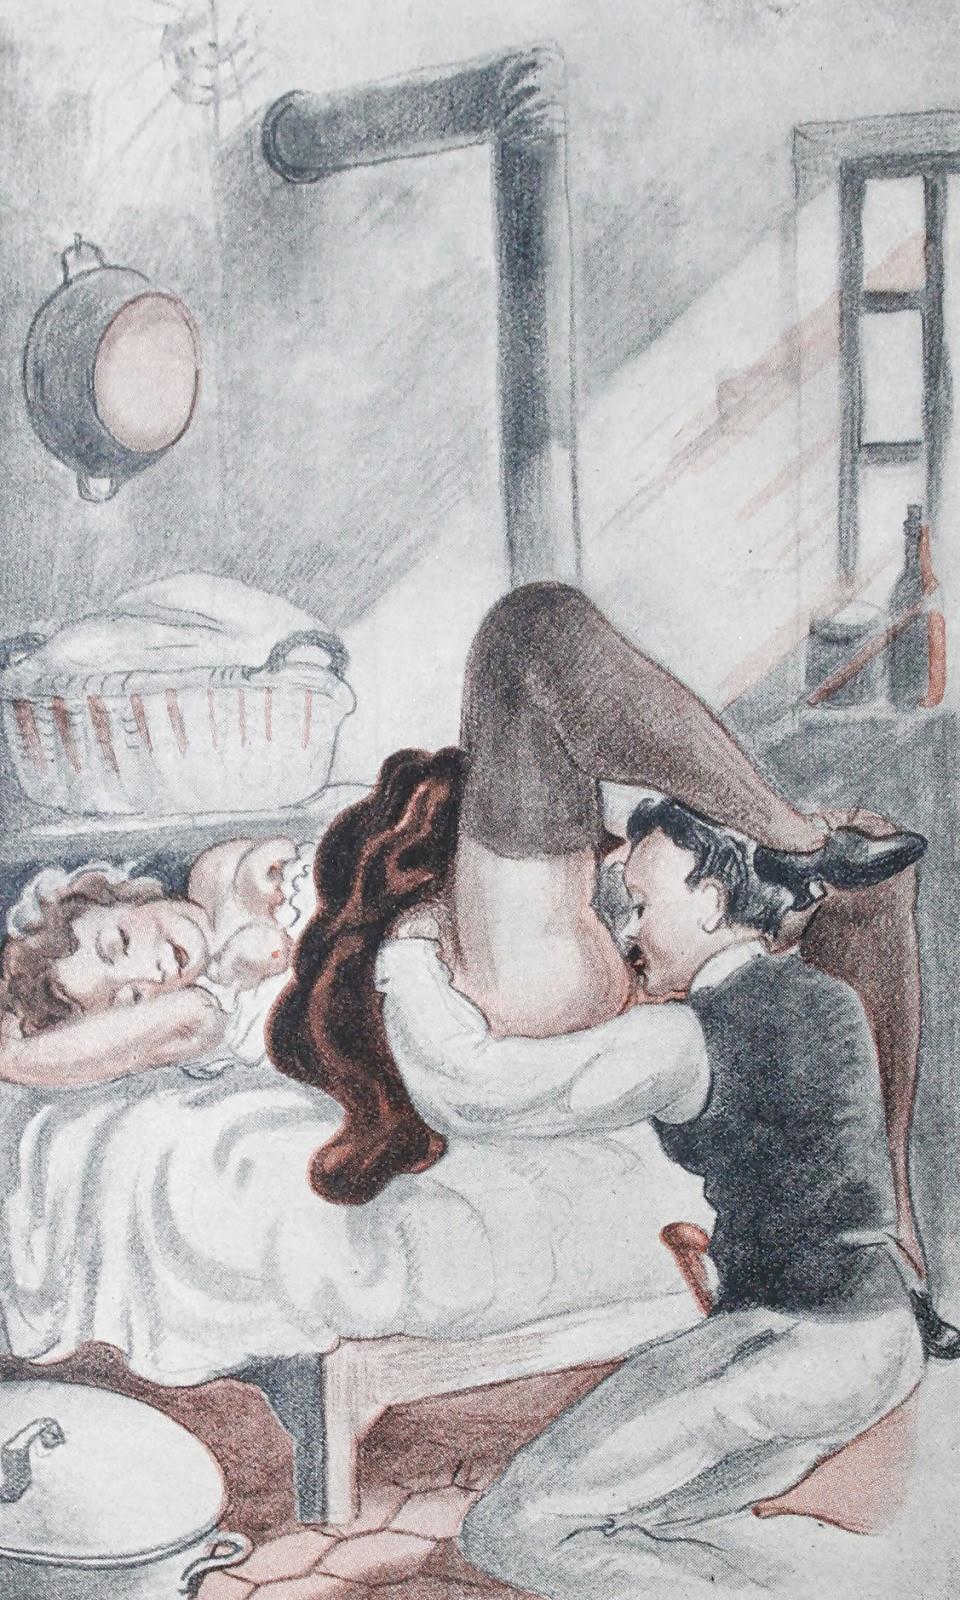 Эротические художественные произведения с иллюстрациями ретро